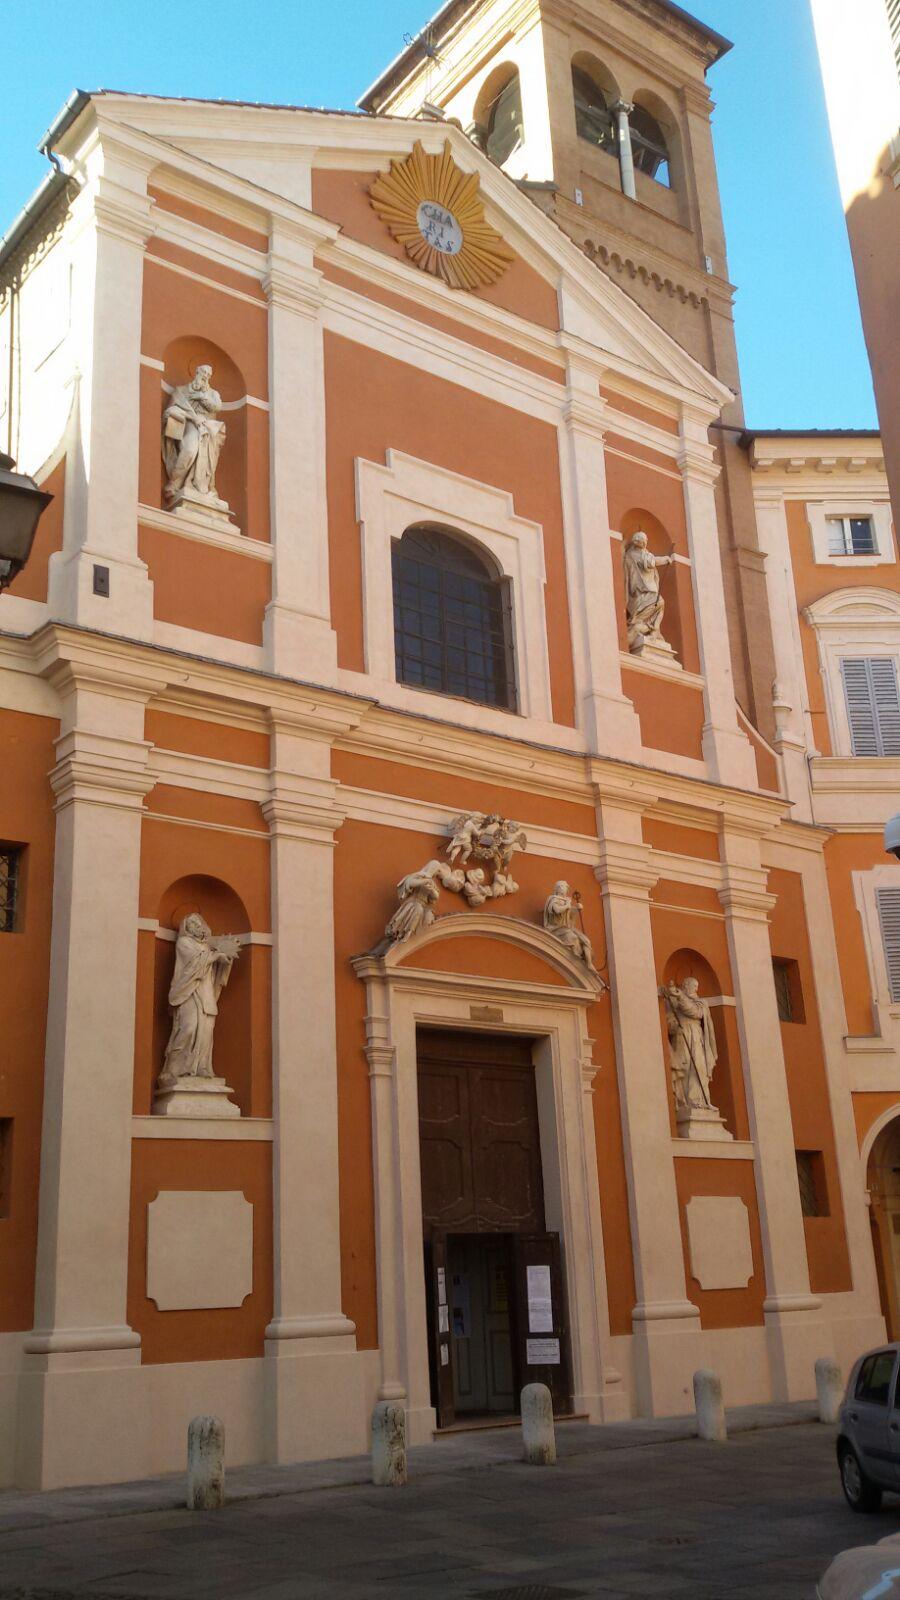 Iton srl esegue interventi di edilizia dopo il terremoto alla chiesa di san barnaba modena.